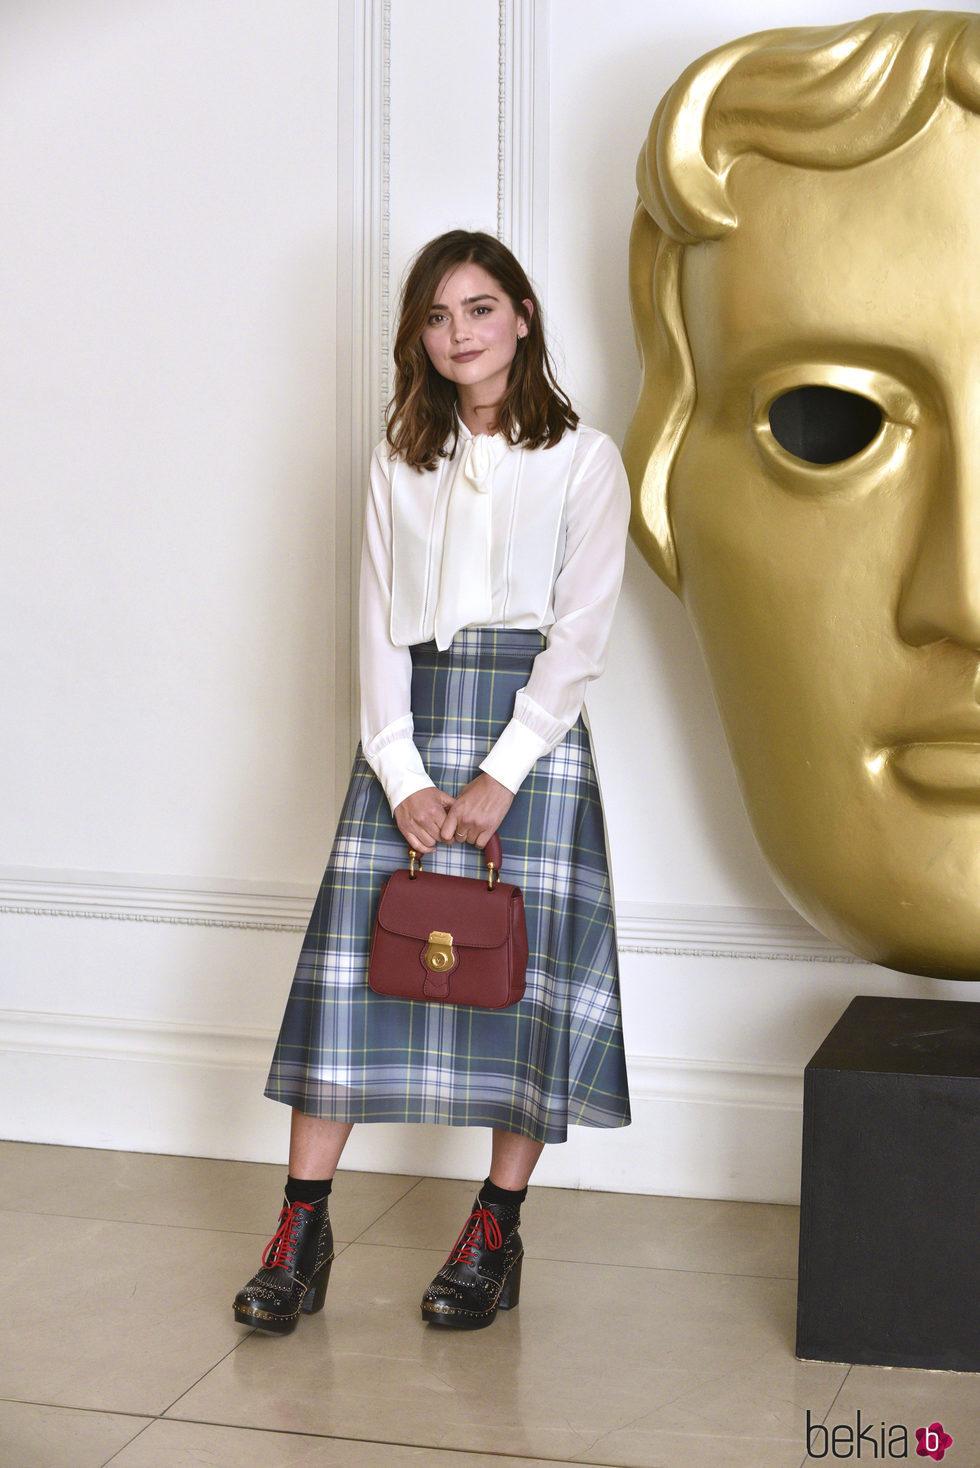 Jenna Coleman en la recepción de los premios de Cine de la Academia Británica en Londres